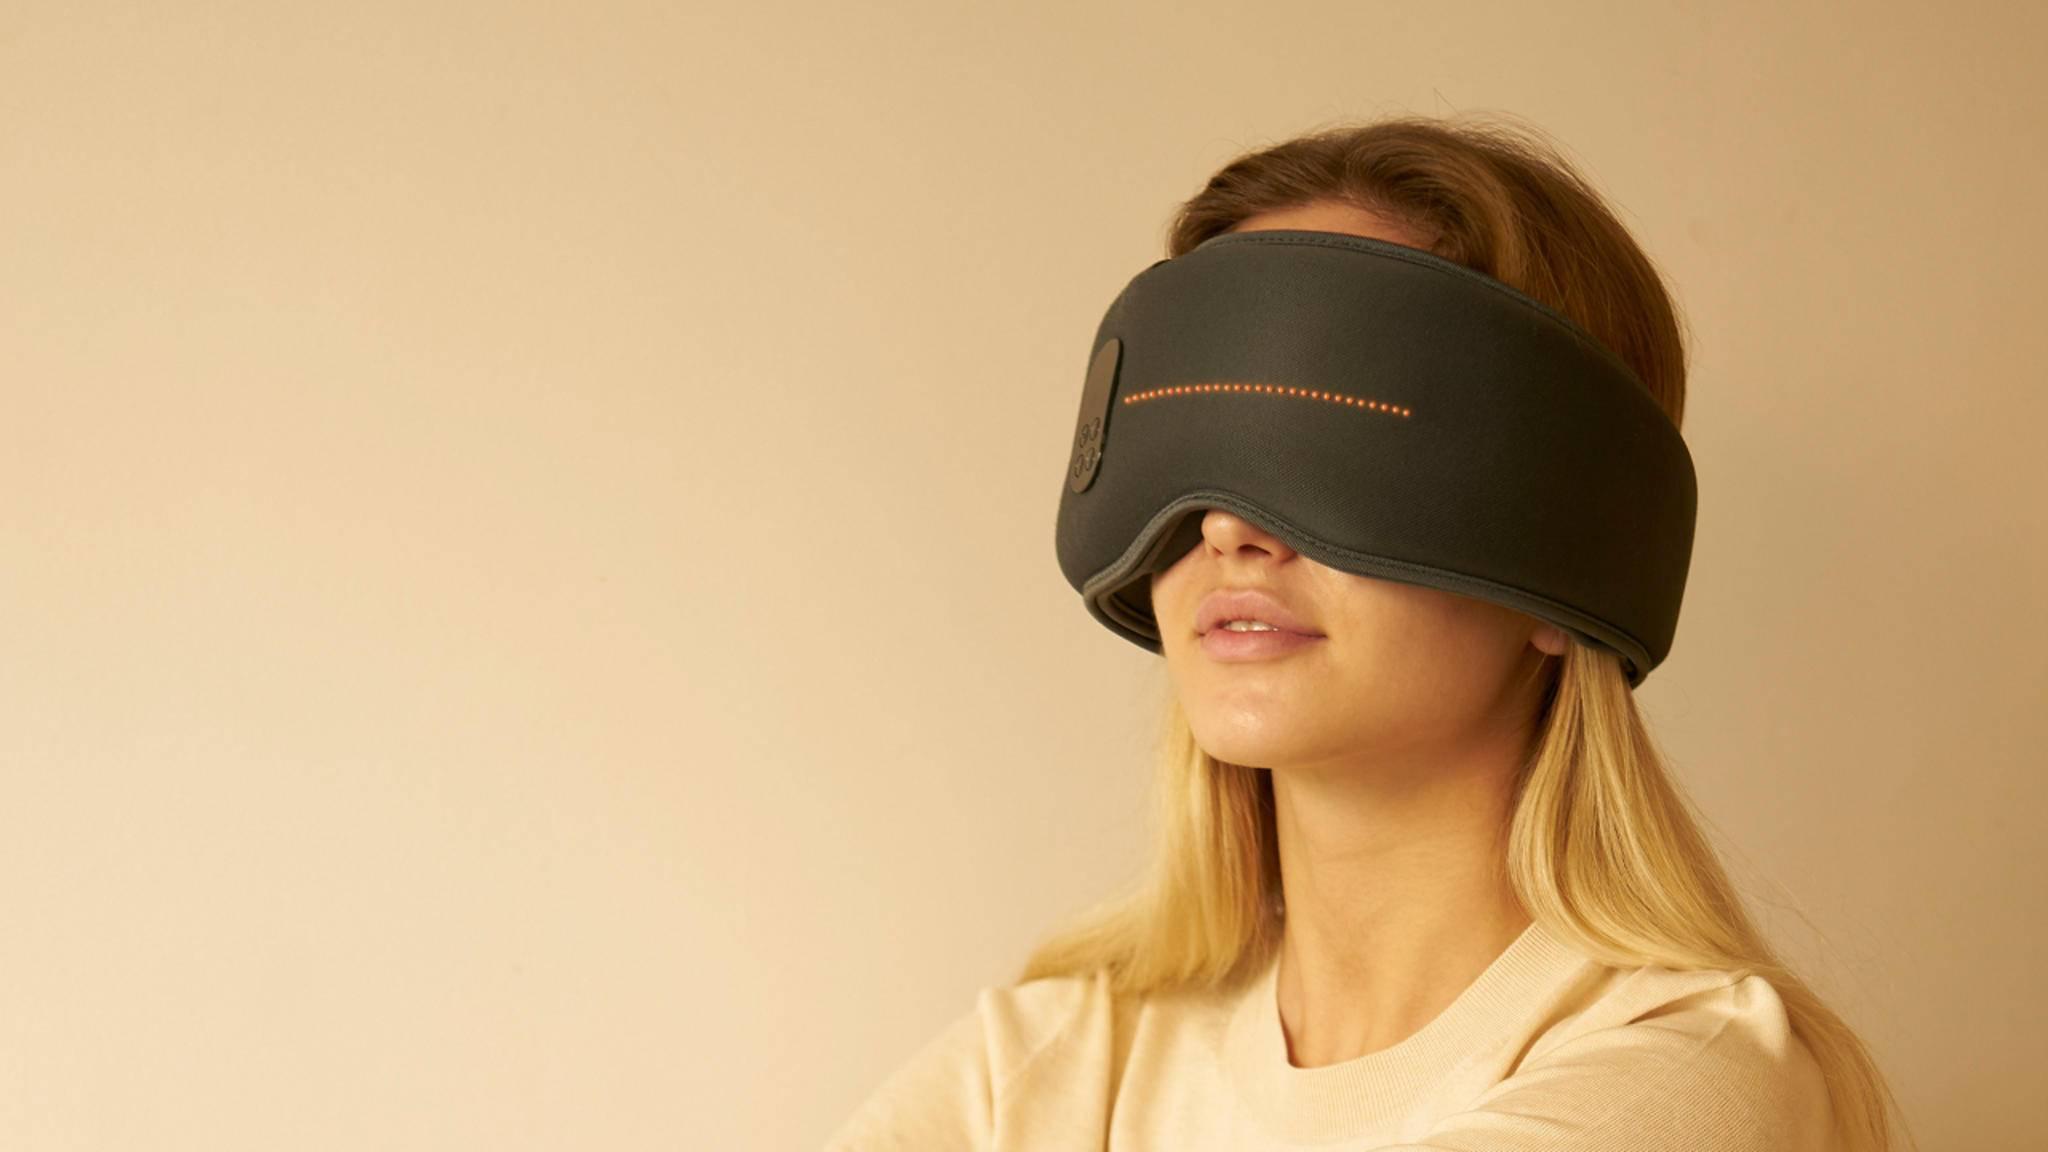 Na dann gute Nacht: Die Dreamlight-Maske soll den Schlaf verbessern.